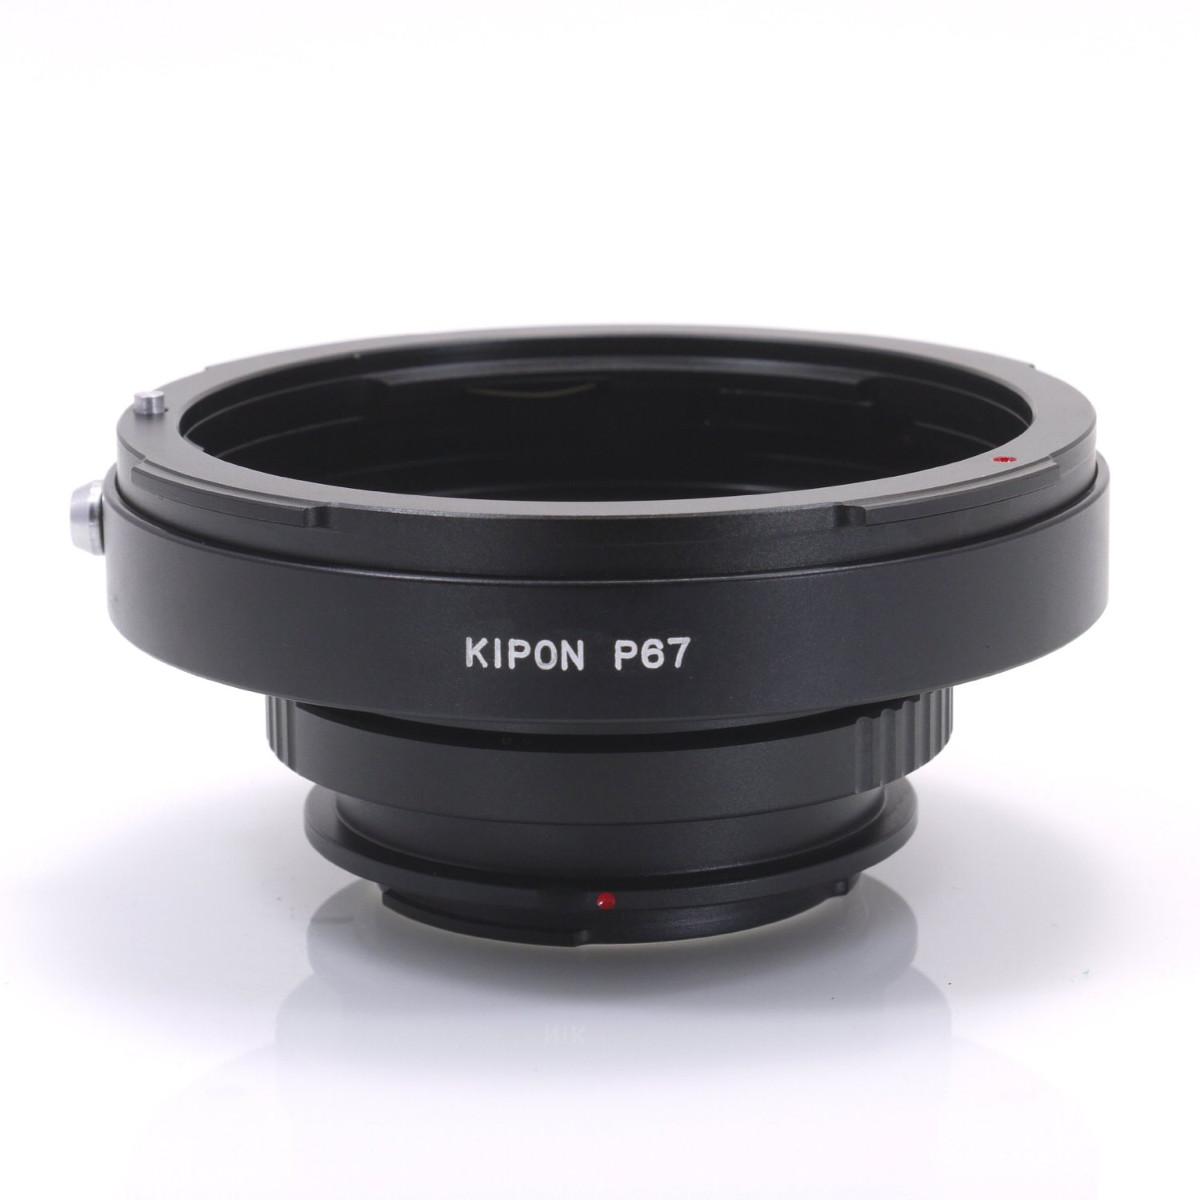 マウントアダプター KIPON P67-P/K ペンタックス67レンズ - ペンタックスKマウントカメラ